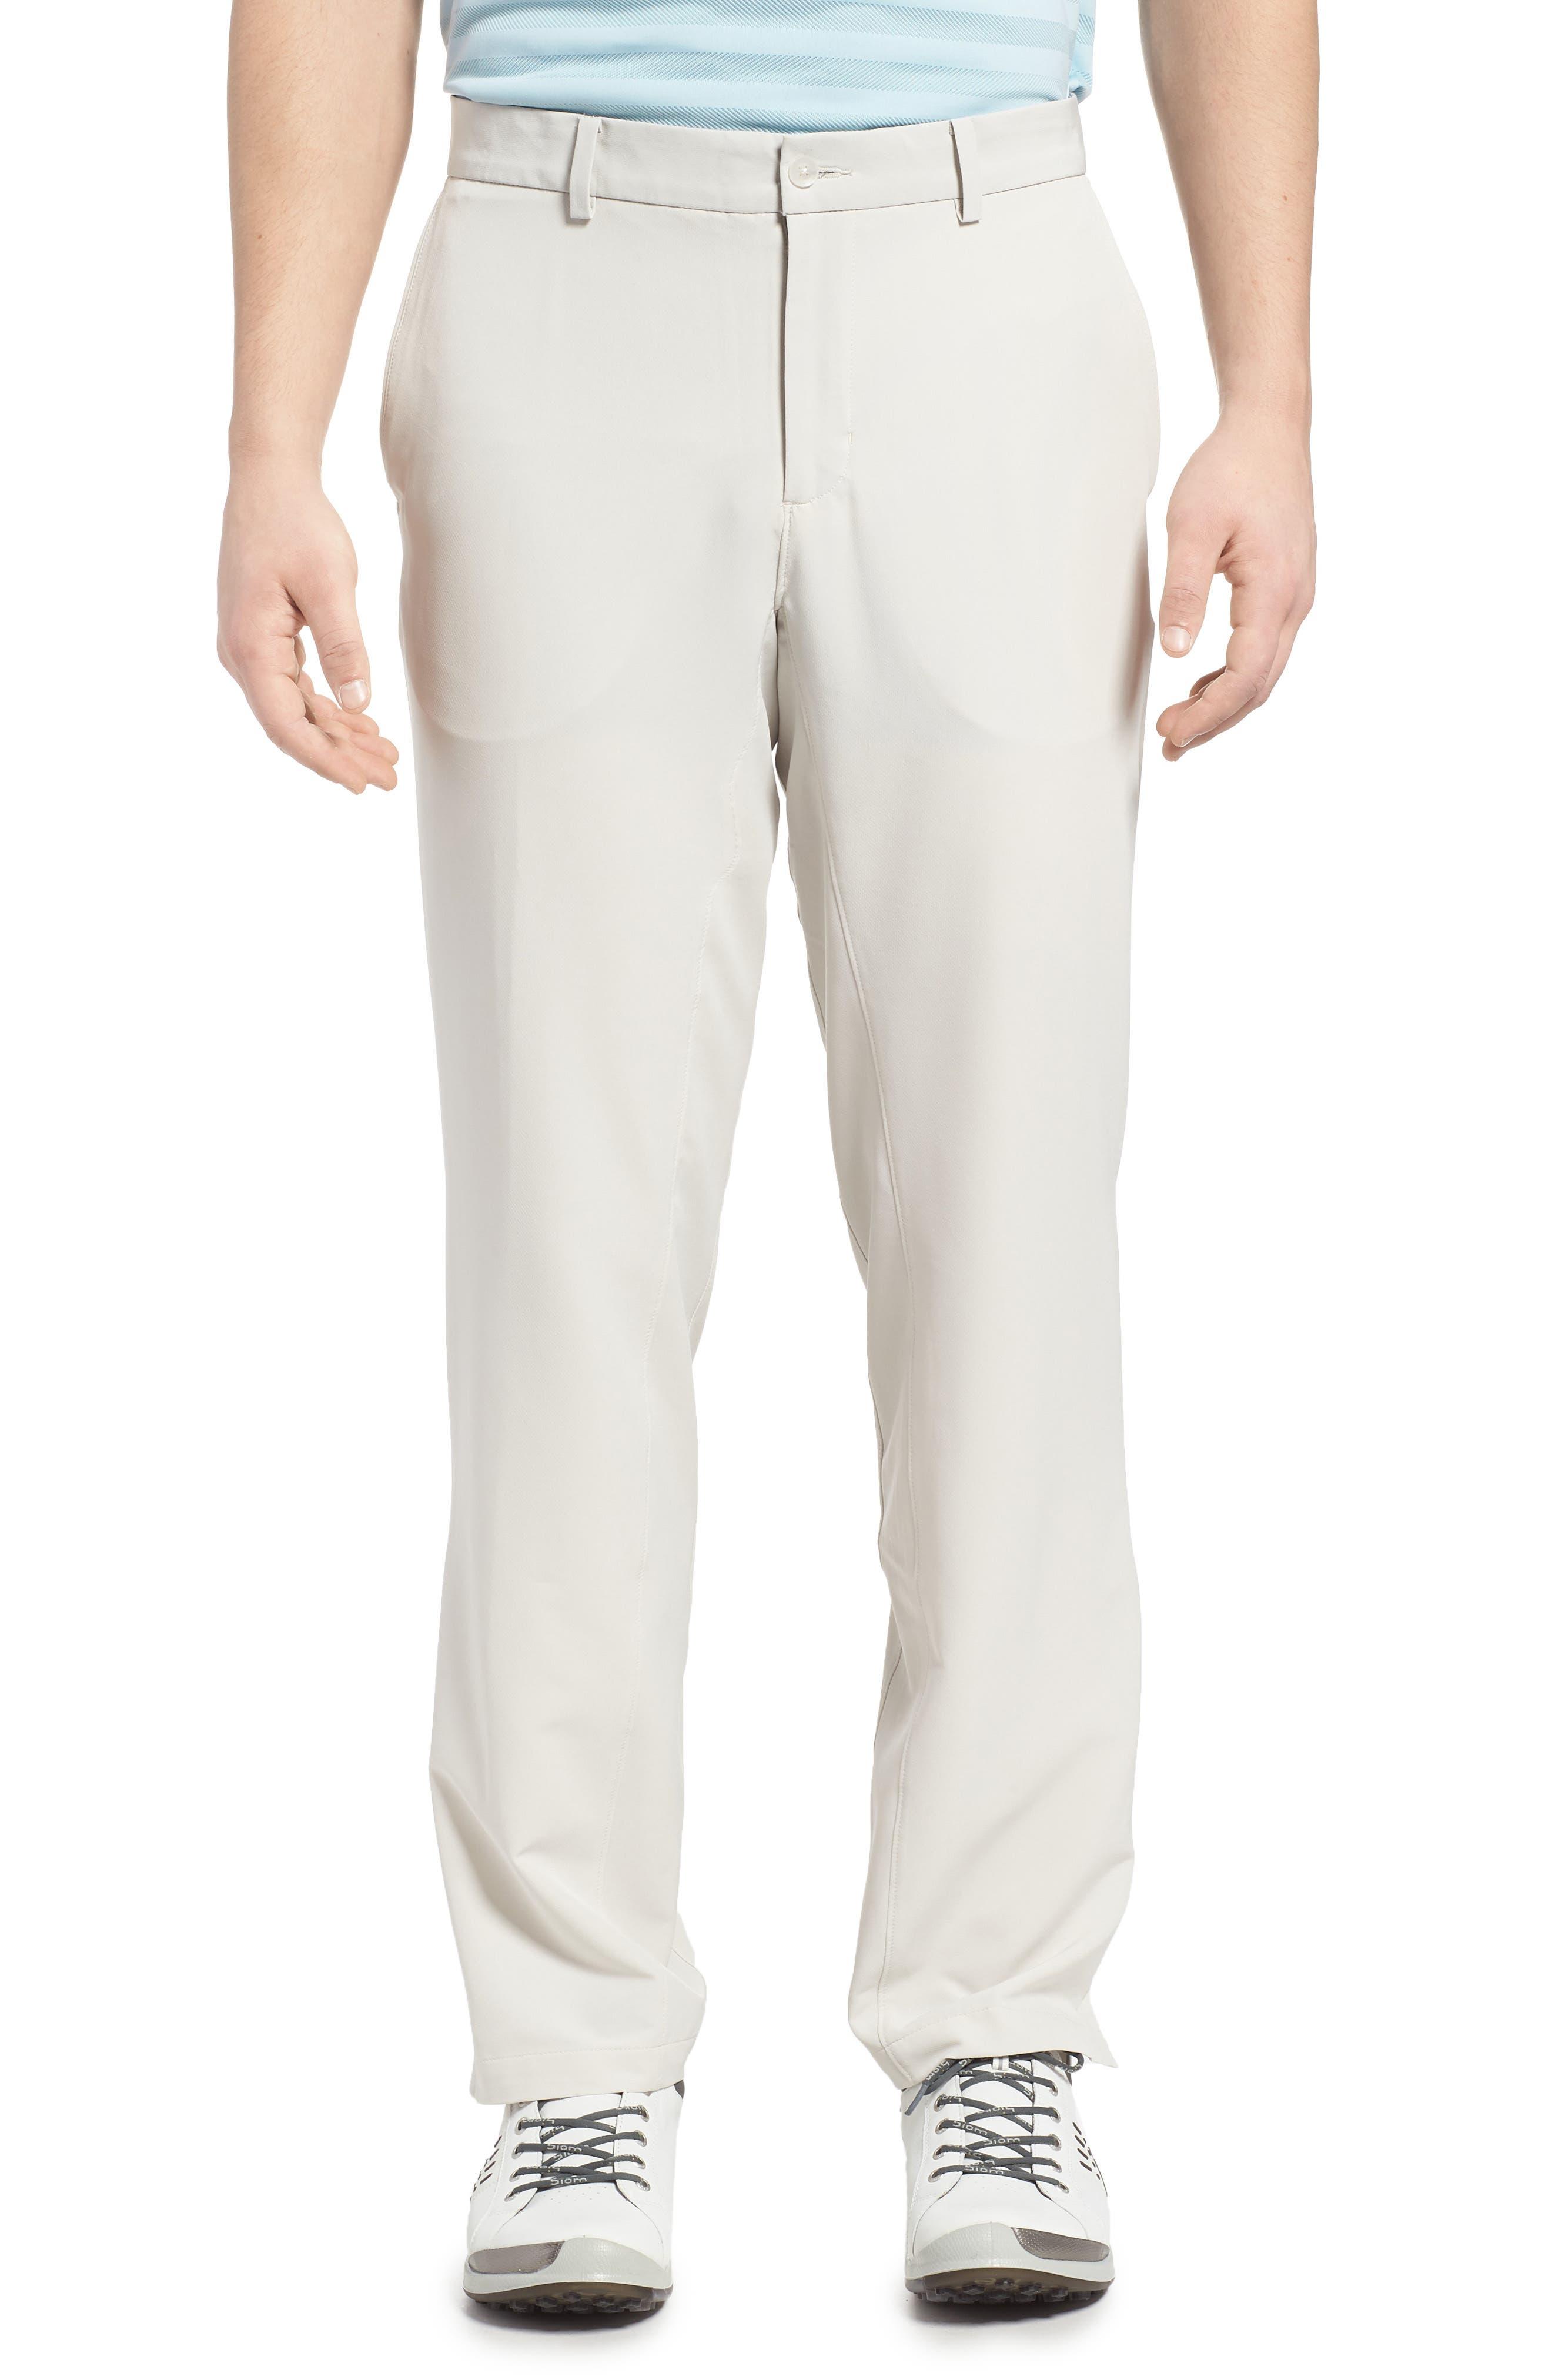 NIKE,                             Hybrid Flex Golf Pants,                             Main thumbnail 1, color,                             LIGHT BONE/ LIGHT BONE